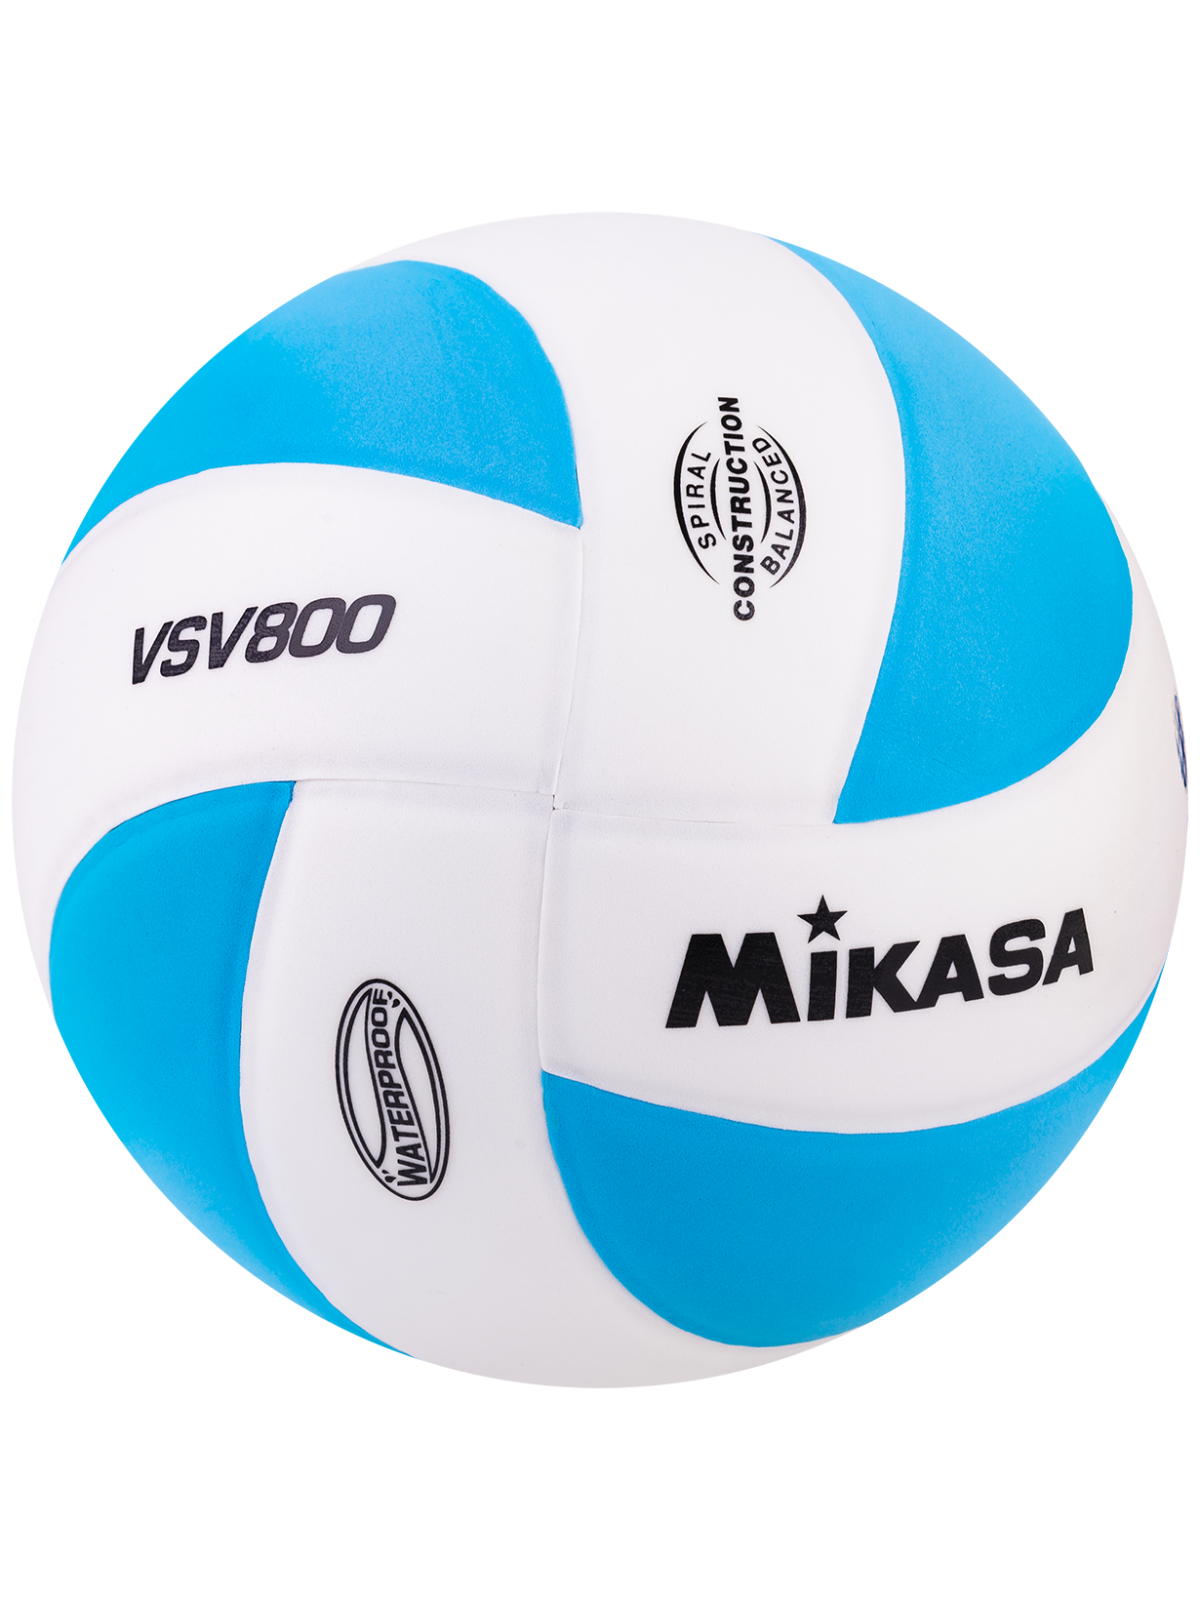 MIKASA Мяч волейбольный VSV800 WB №5 - 1